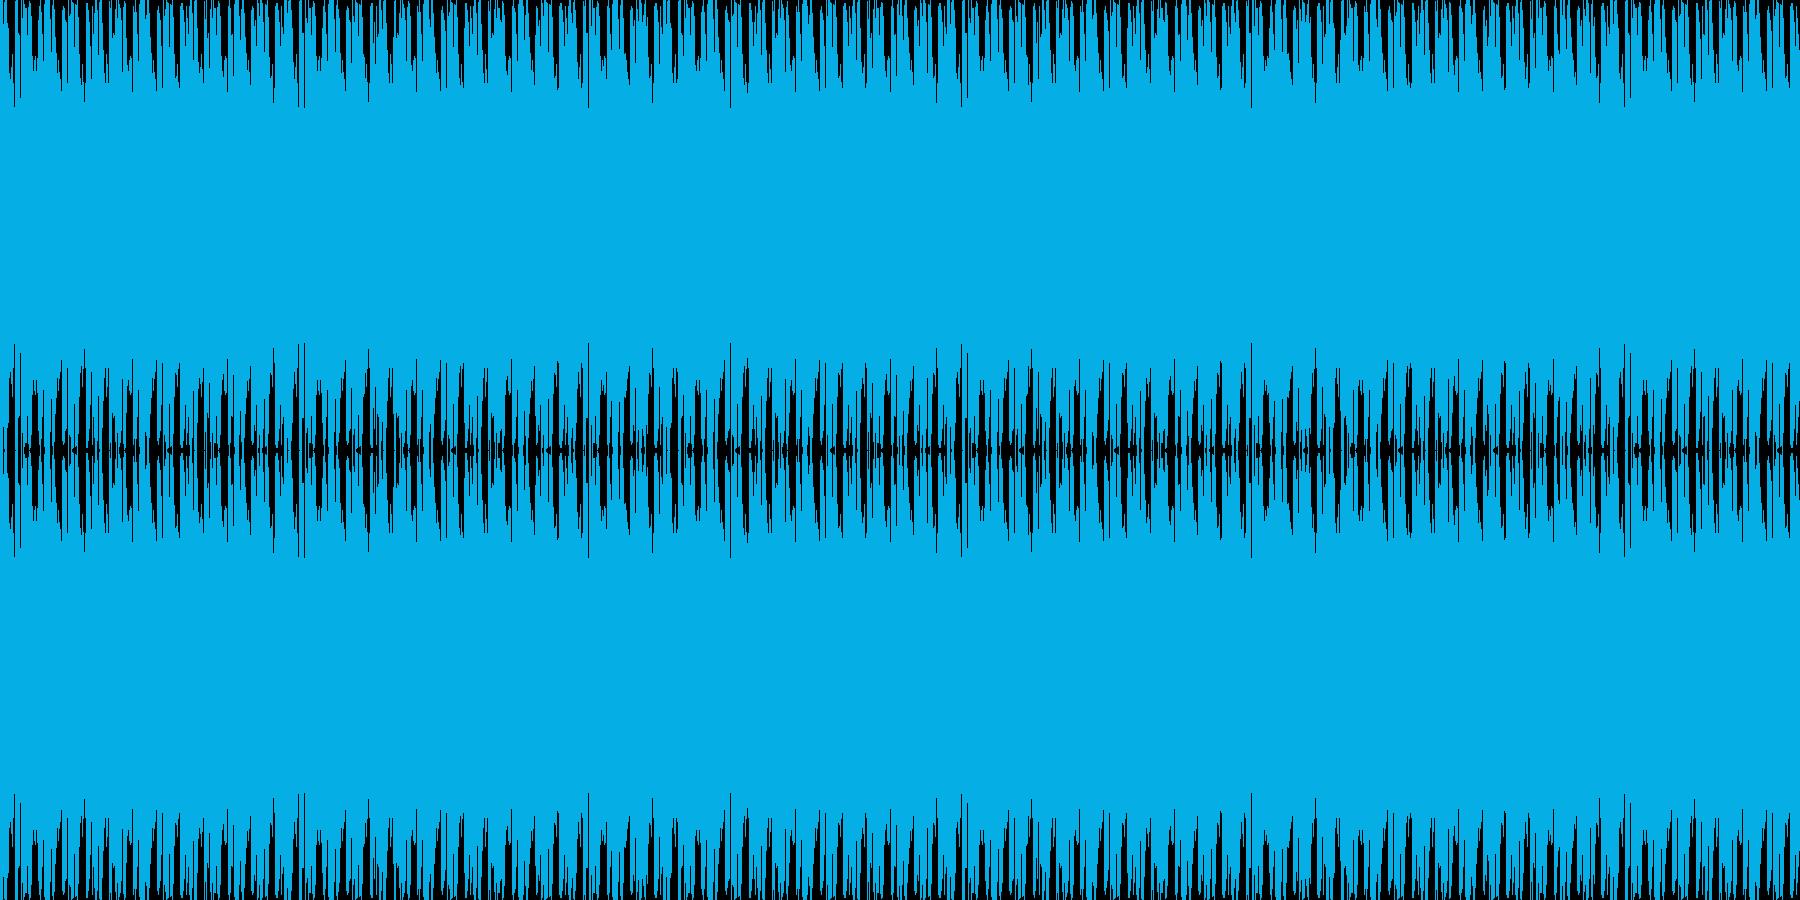 疑惑の再生済みの波形